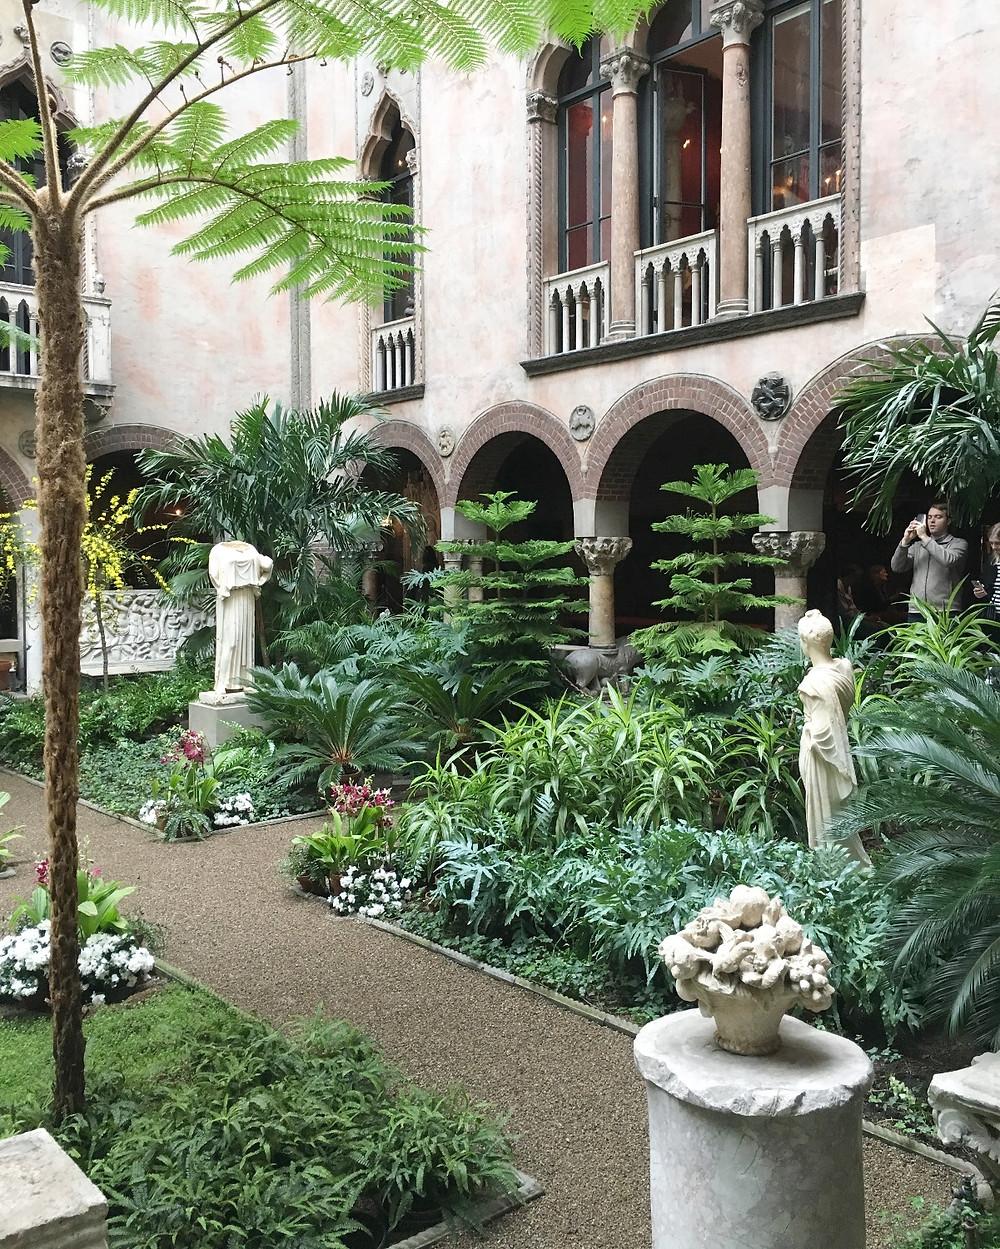 Isabella Stewart Gardner Museum courtyard. Photo by Diana Dinverno